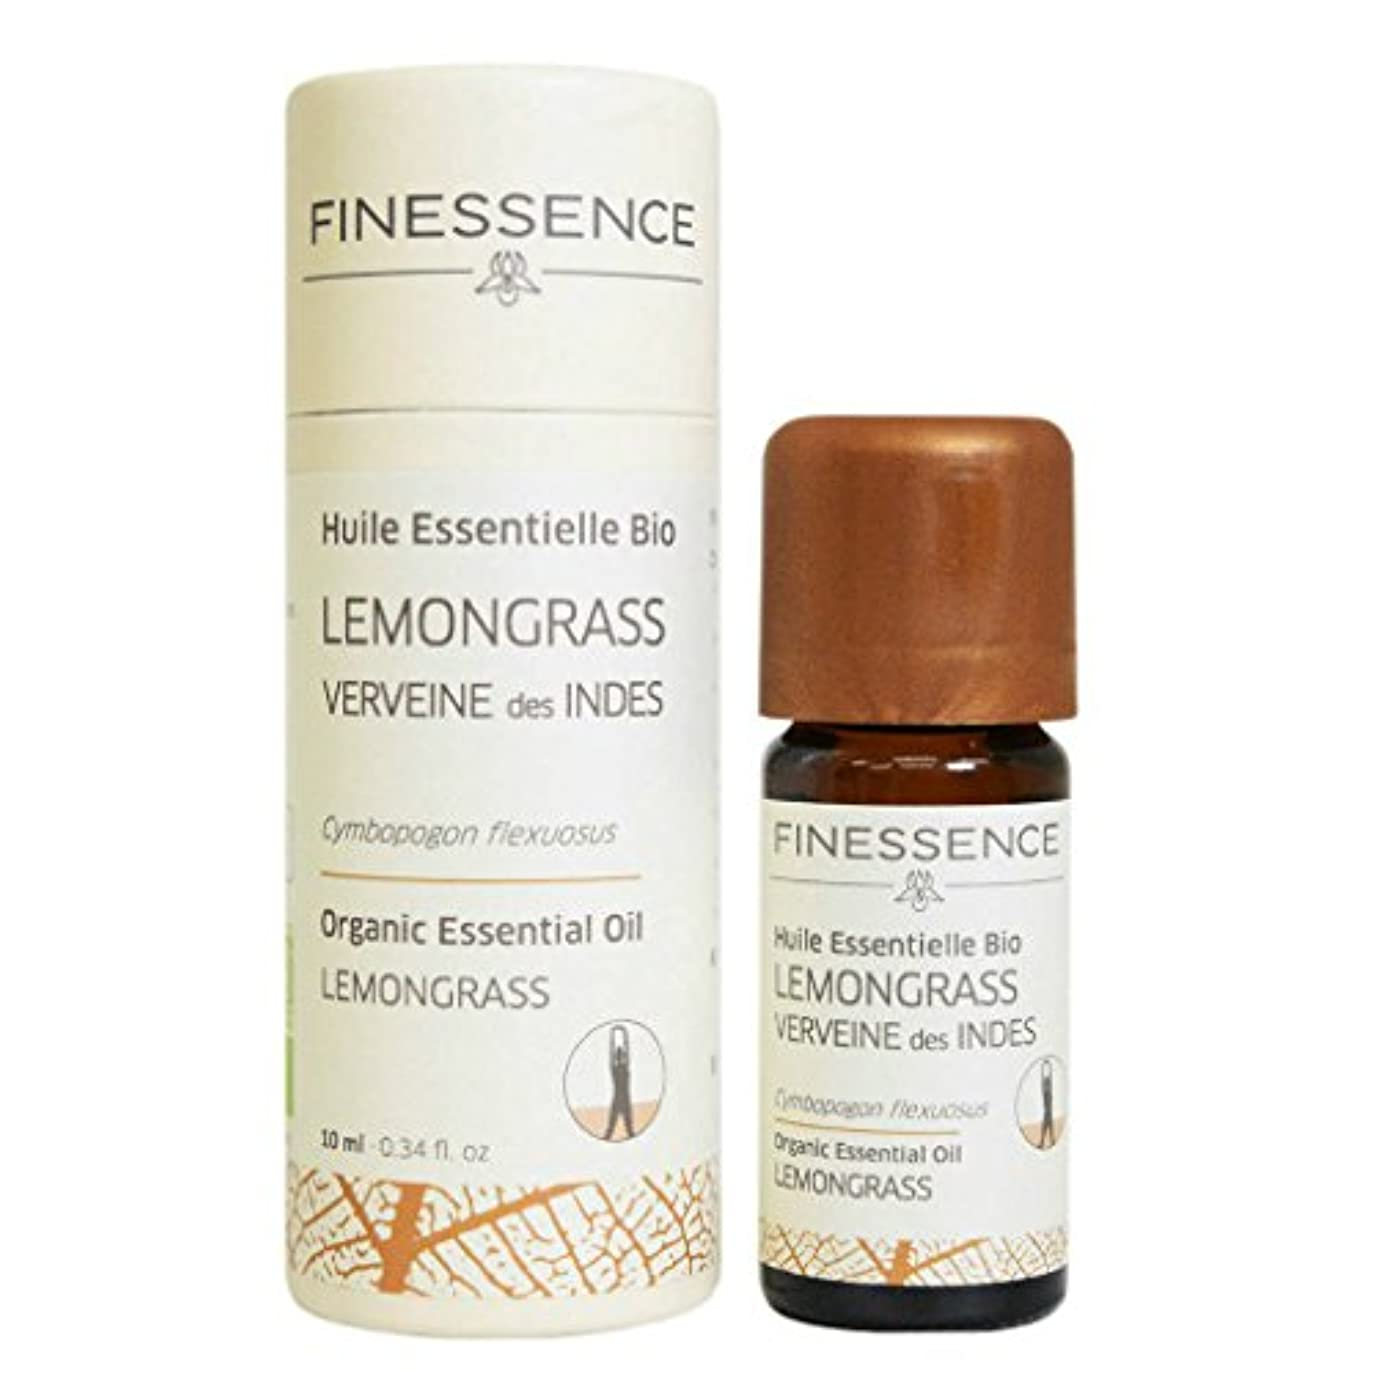 ブルエキスパート流用するフィネッサンス (FINESSENCE) オーガニックエッセンシャルオイル レモングラス 10ml